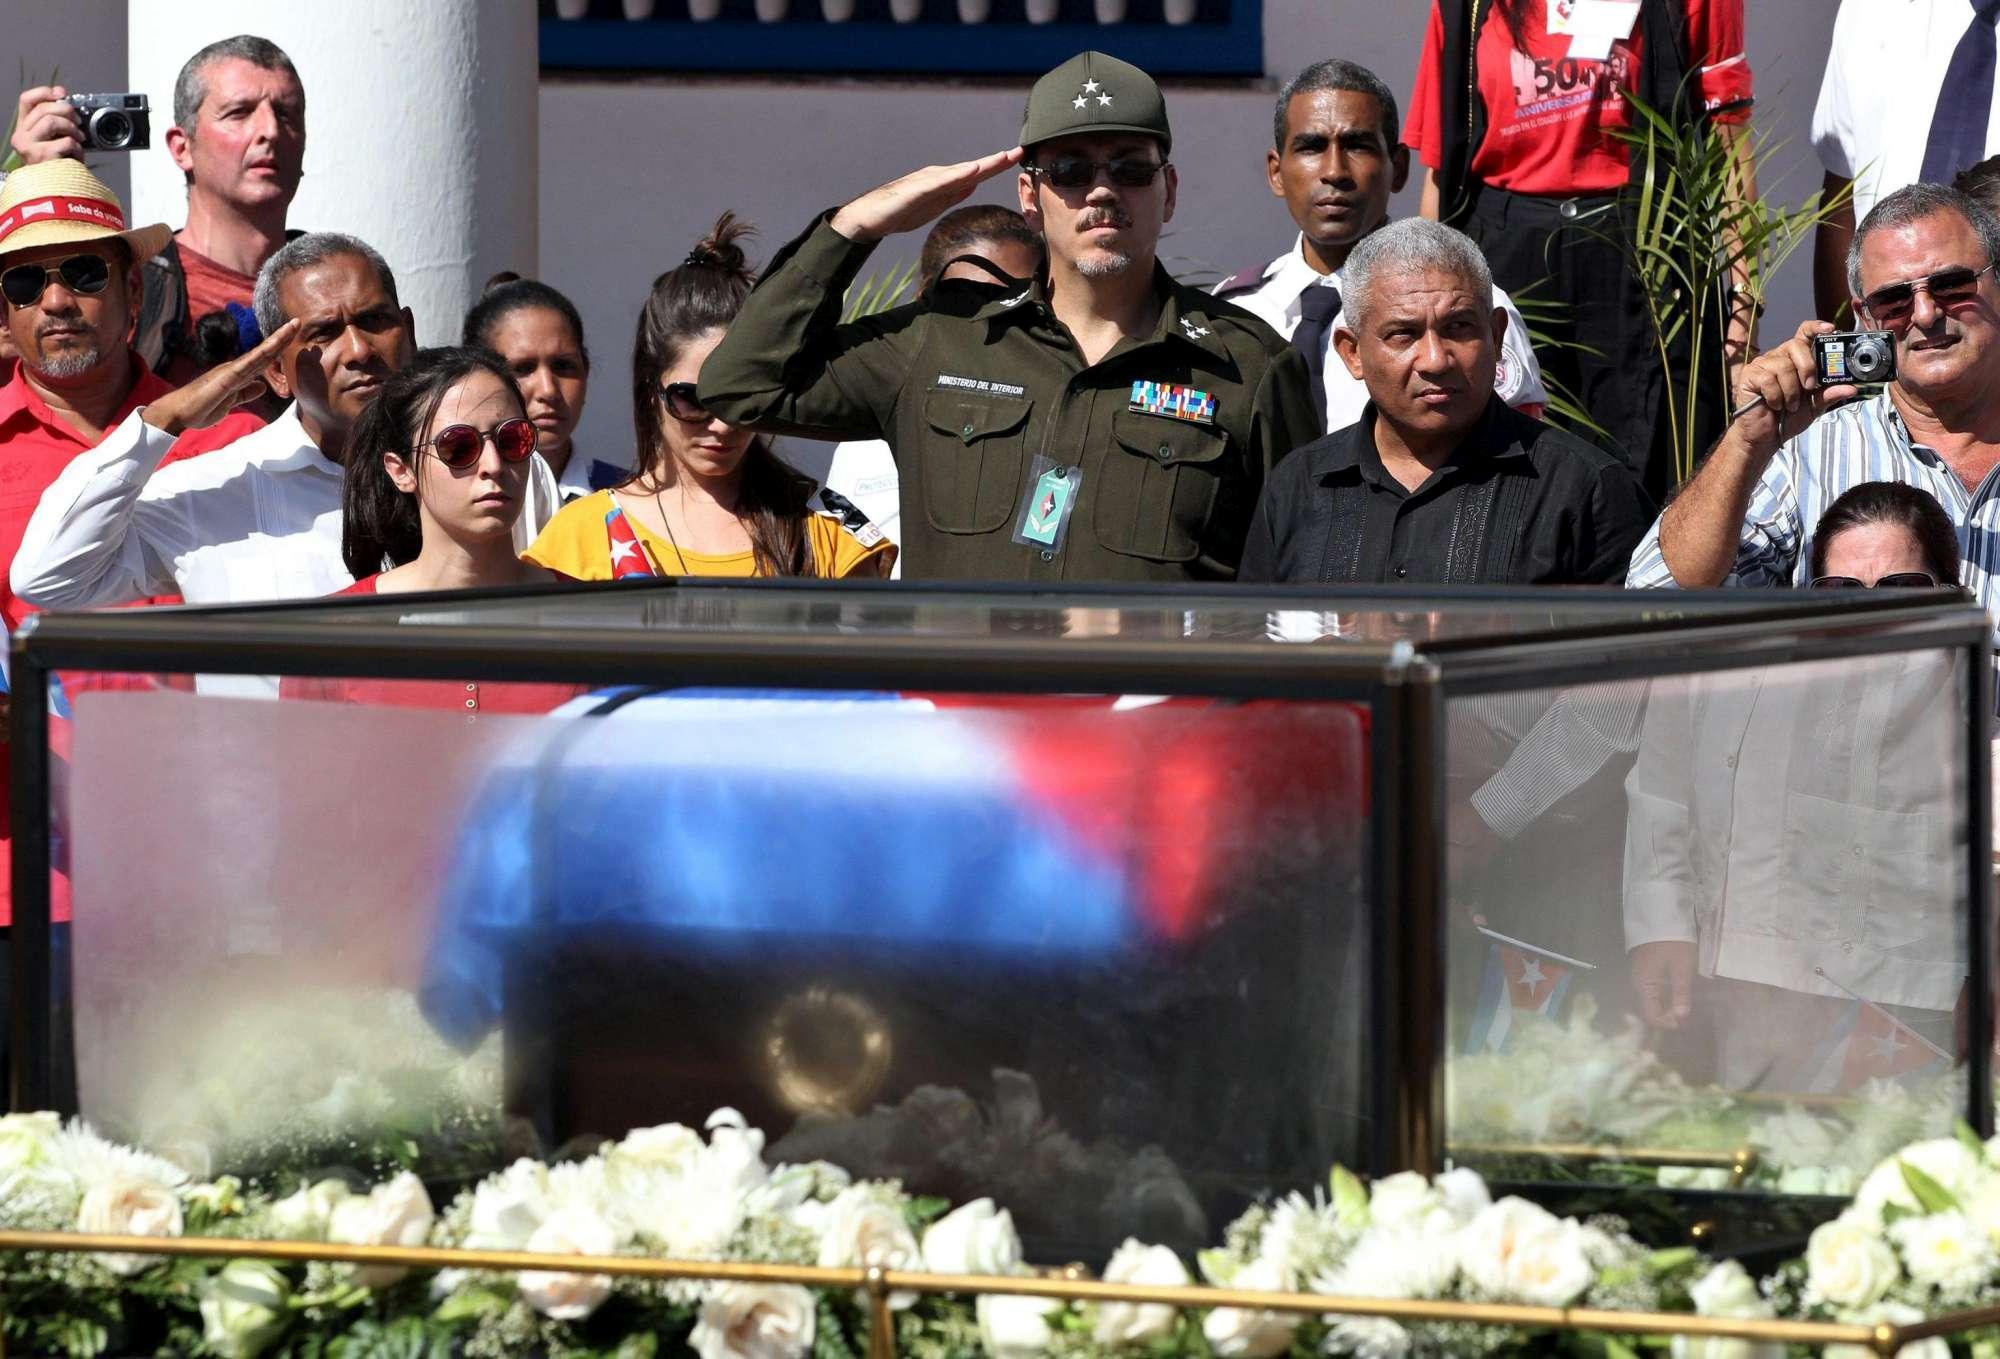 Santiago de Cuba, folla per l'arrivo delle ceneri di Fidel Castro